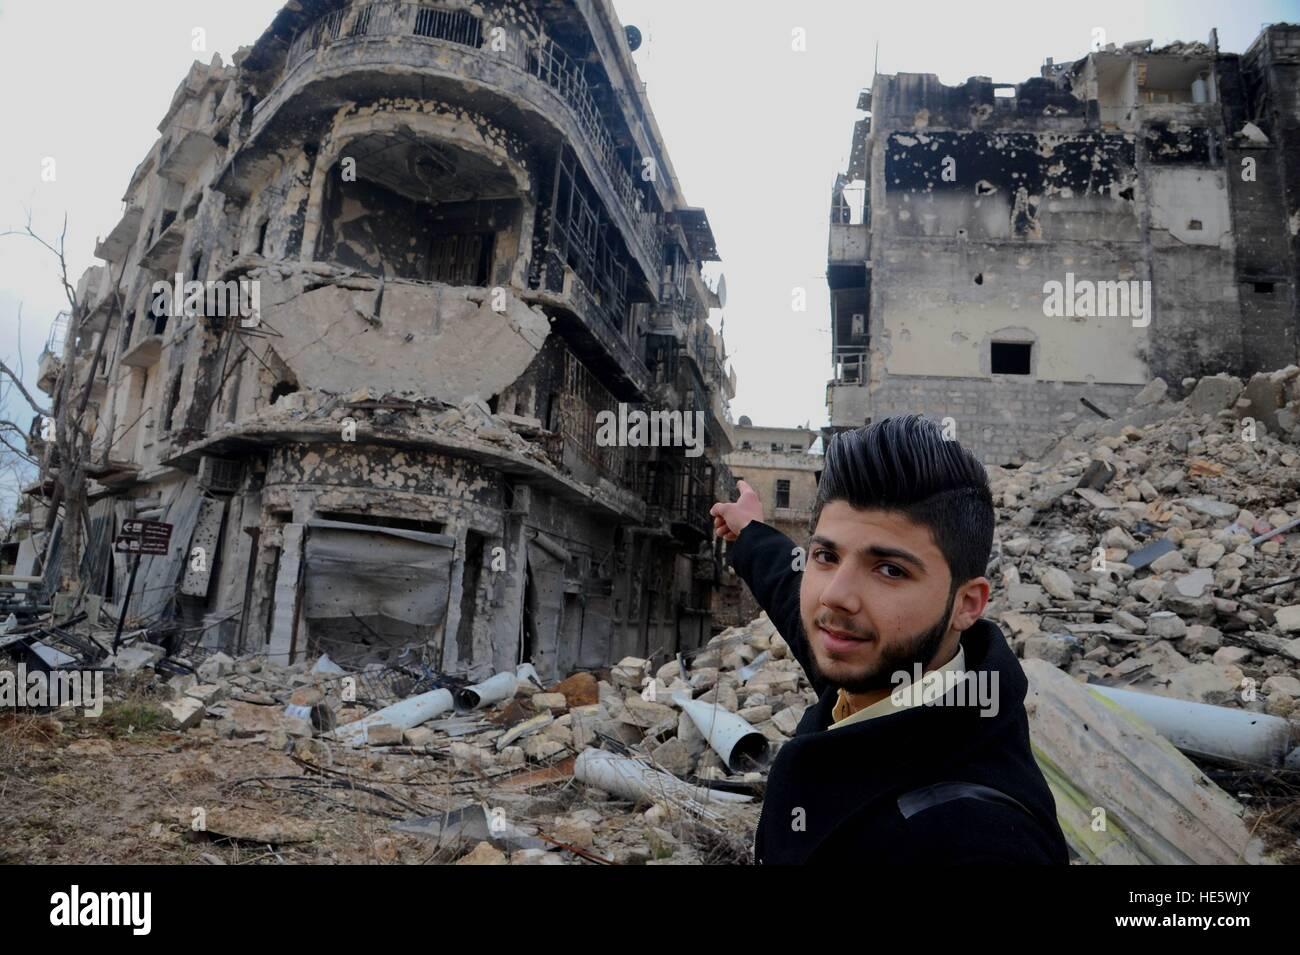 Alep, Syrie. 25Th Dec 2016. Un homme pointe vers un bâtiment où il avait l'habitude de vivre dans Photo Stock